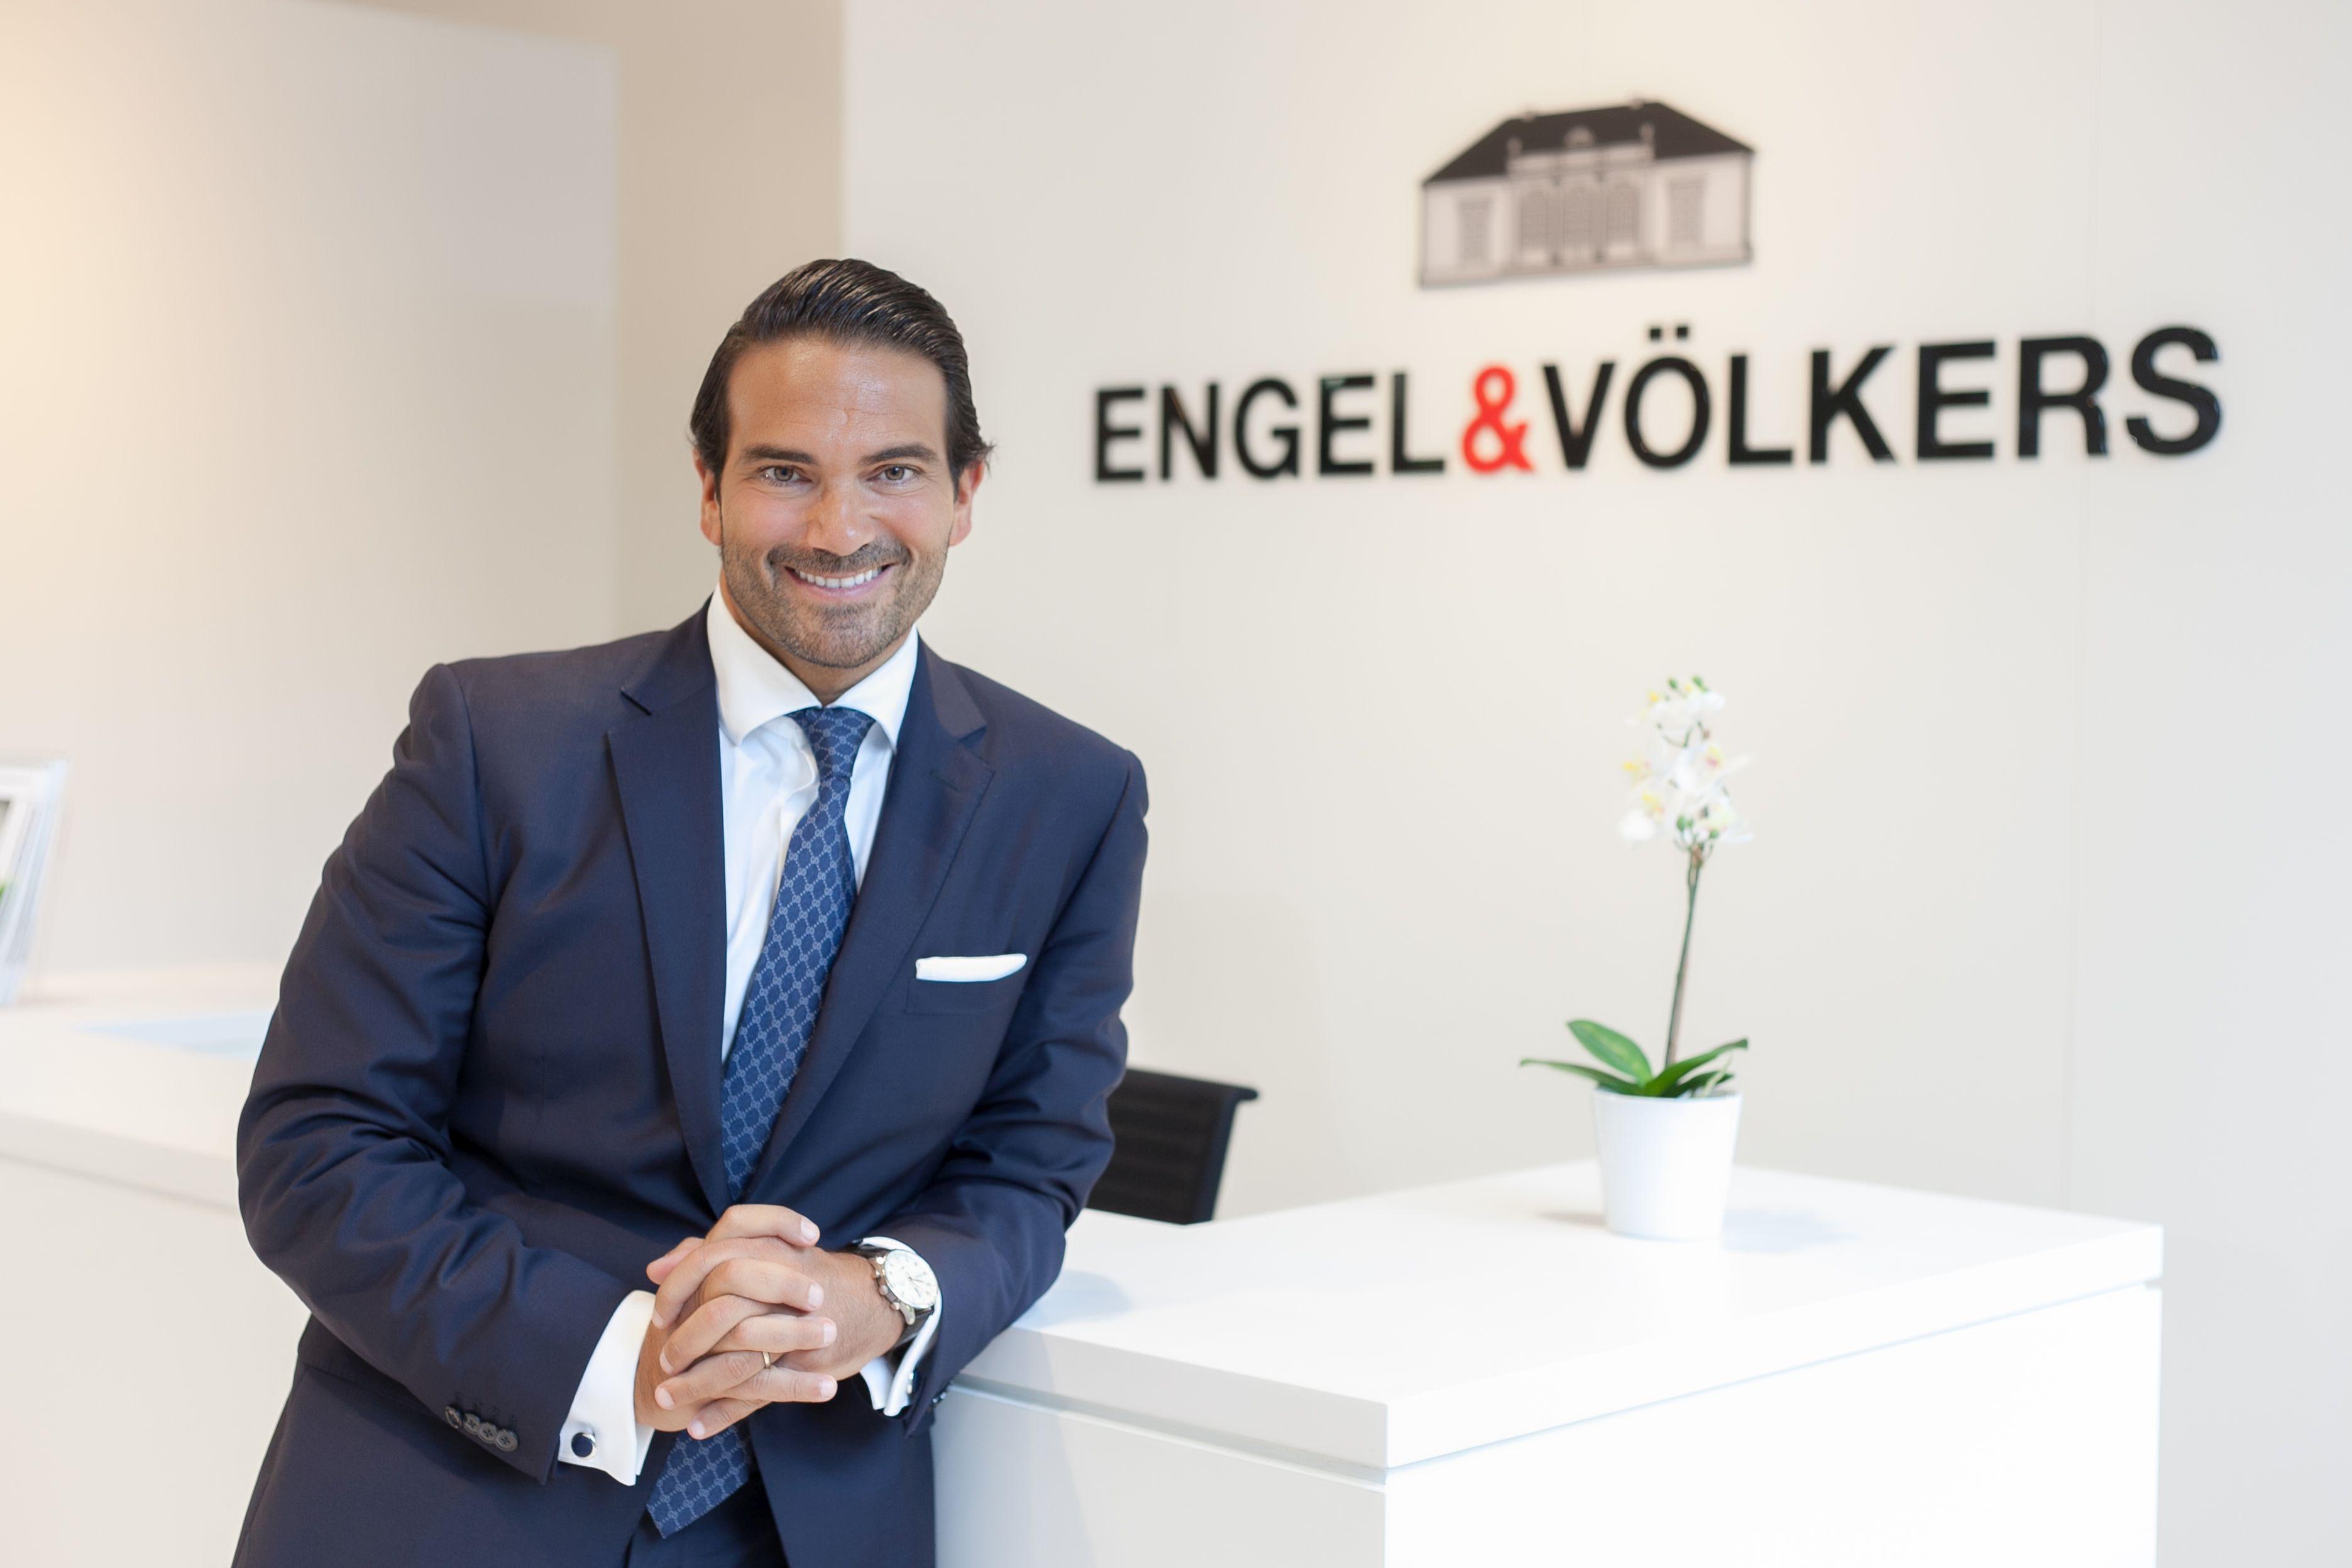 Juan-Galo Macià, nuevo Director General de Engel & Völkers para España, Portugal y Andorra